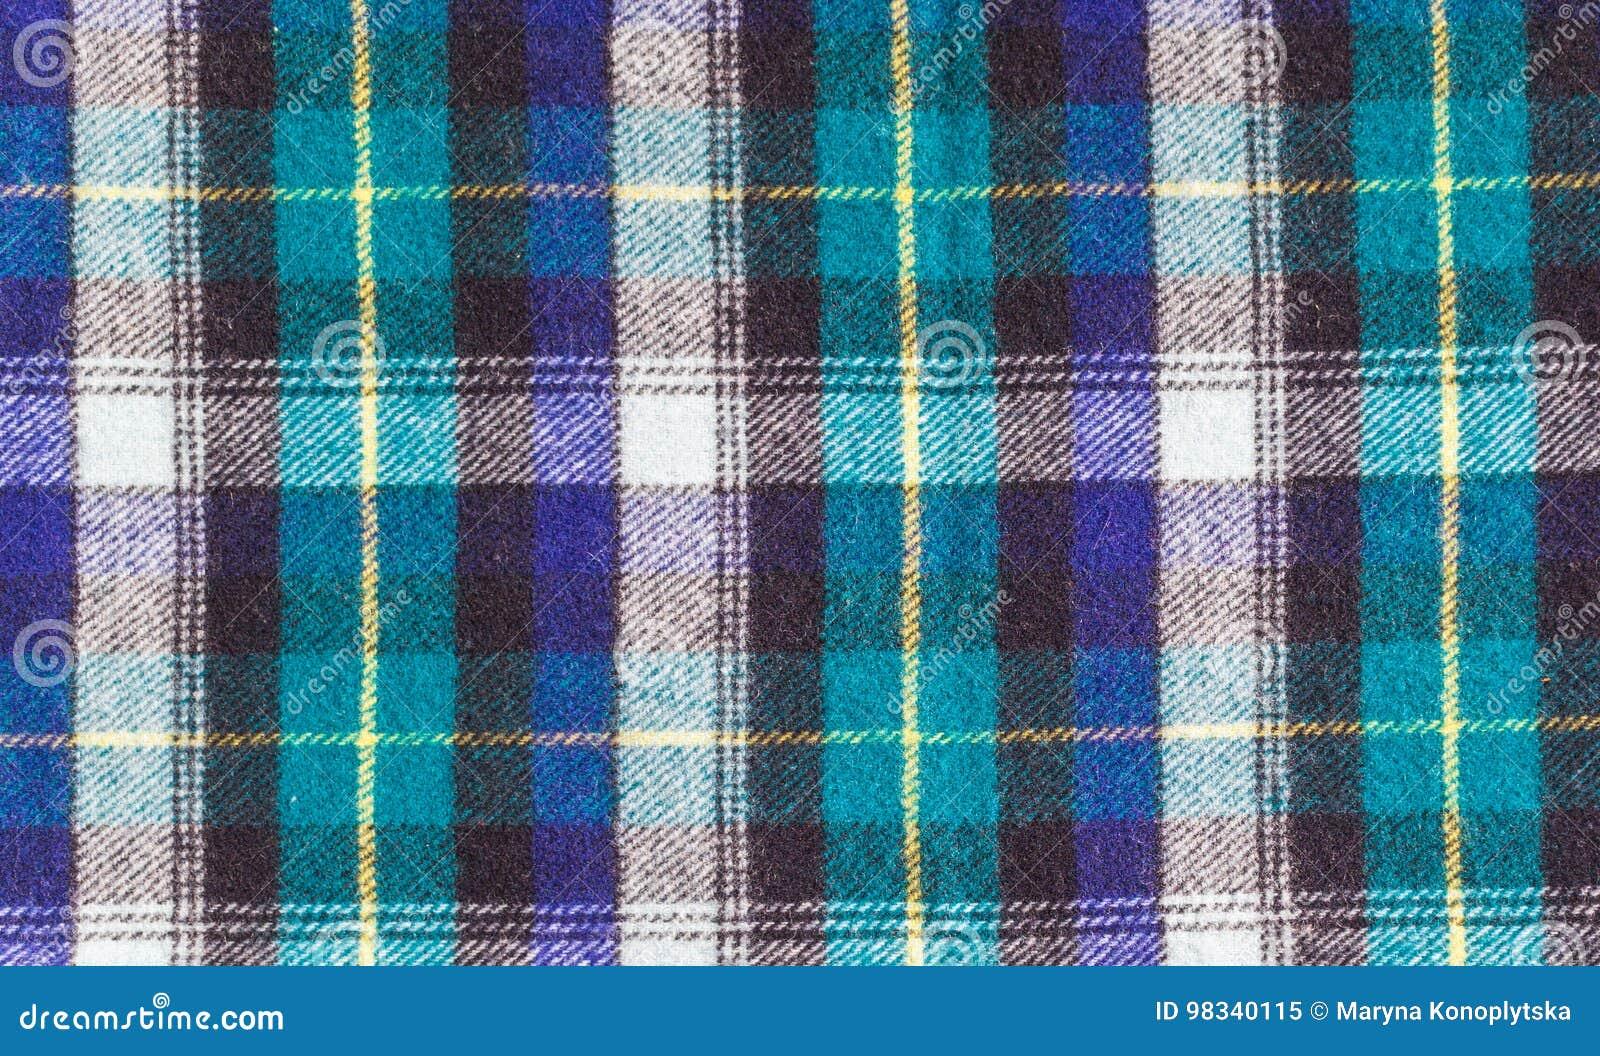 Schotse Geruite Wollen Stof.Textuur Van Geruite Wollen Stof Stock Afbeelding